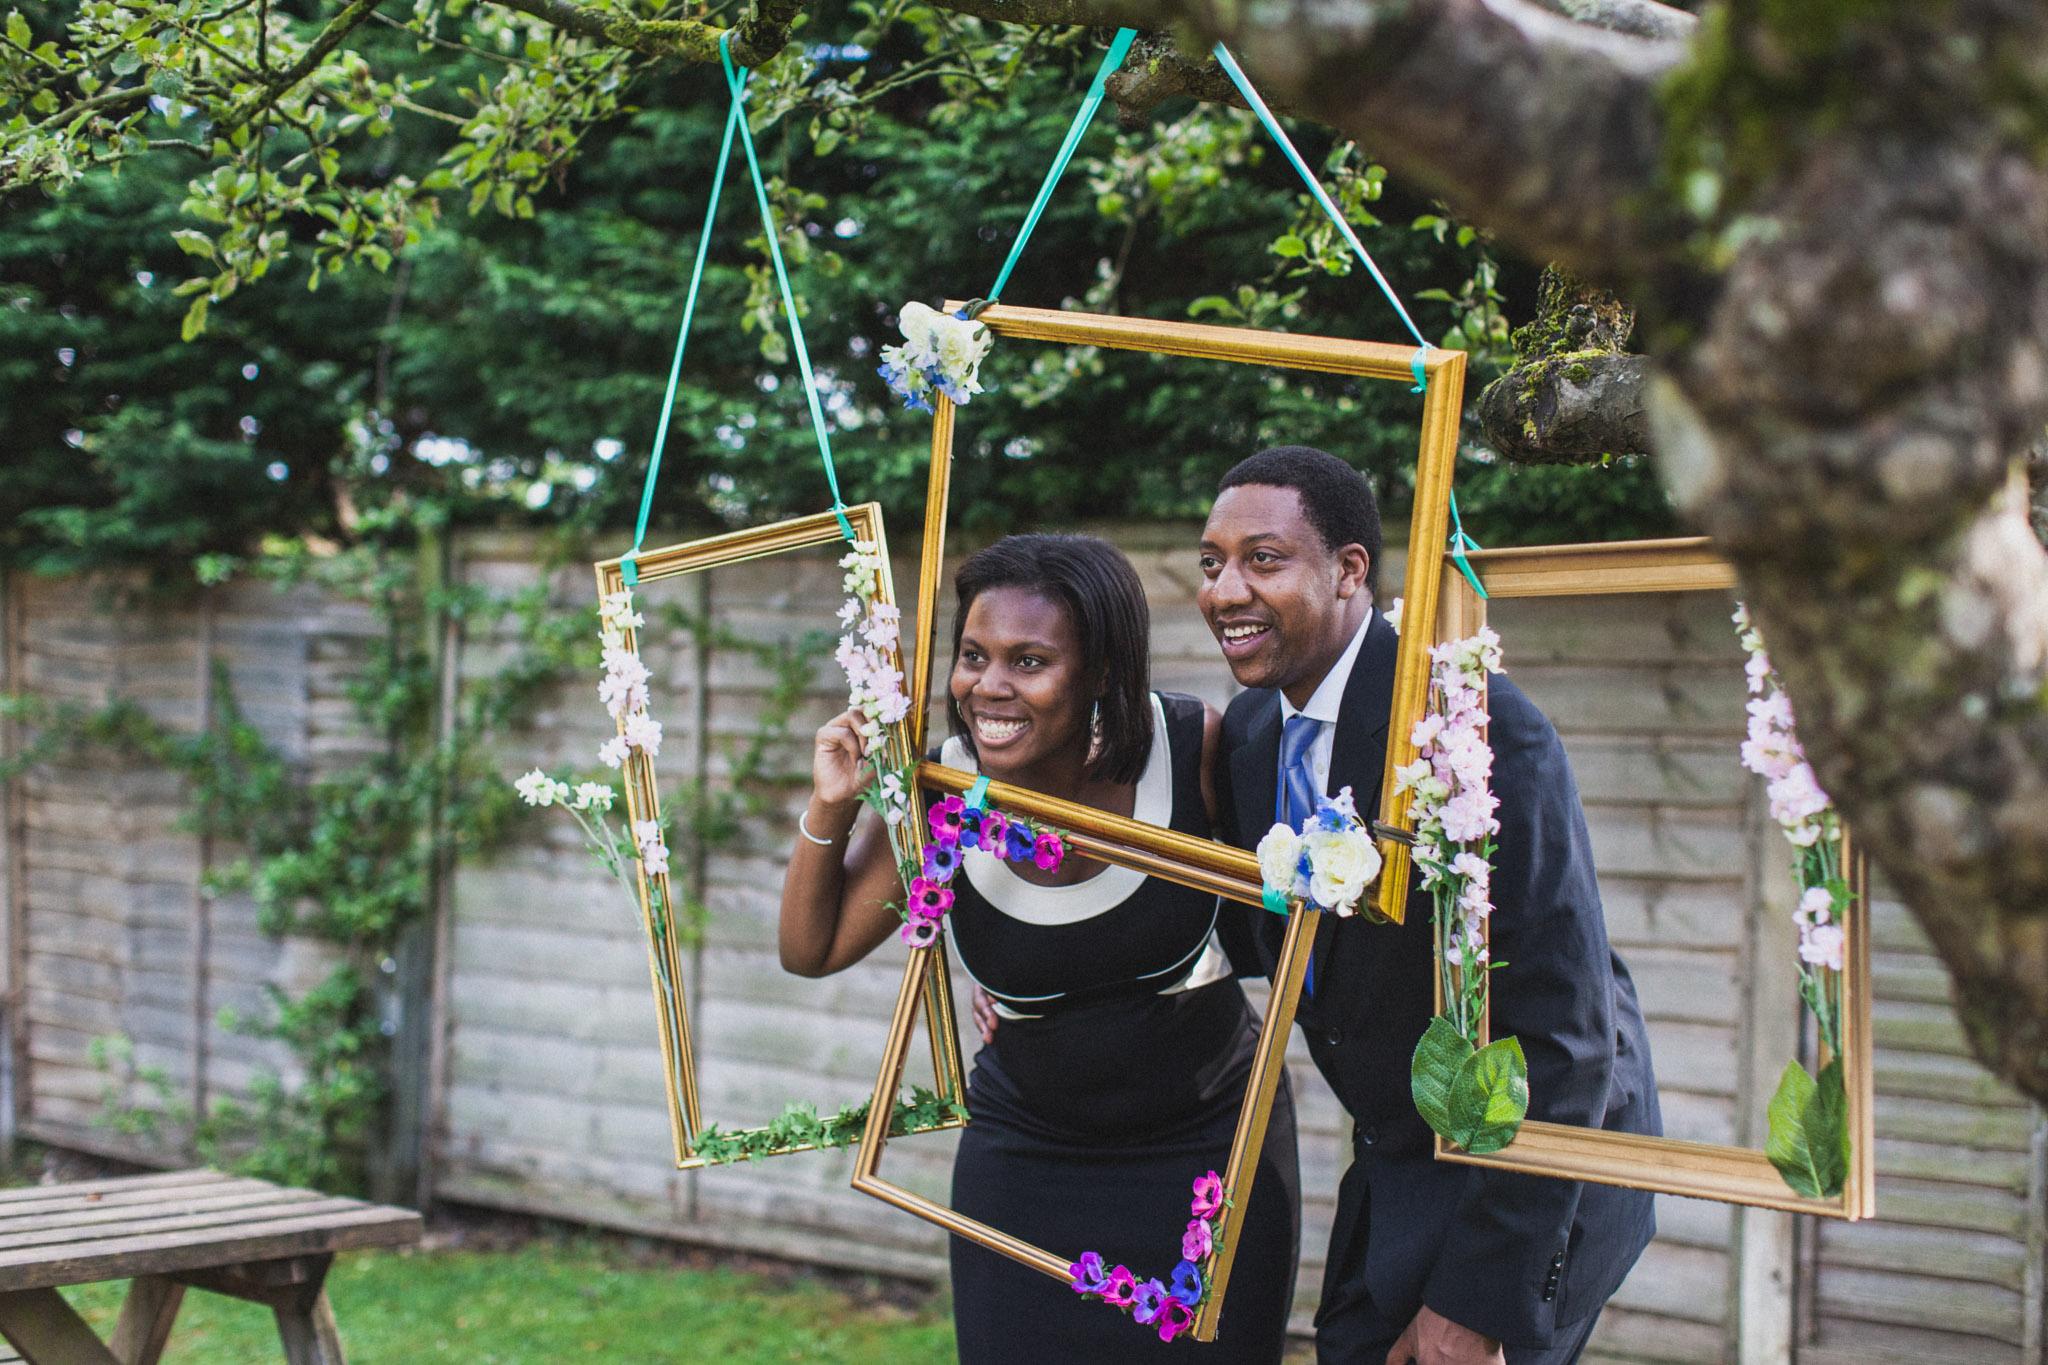 lewes_wedding_photographer_0076.jpg